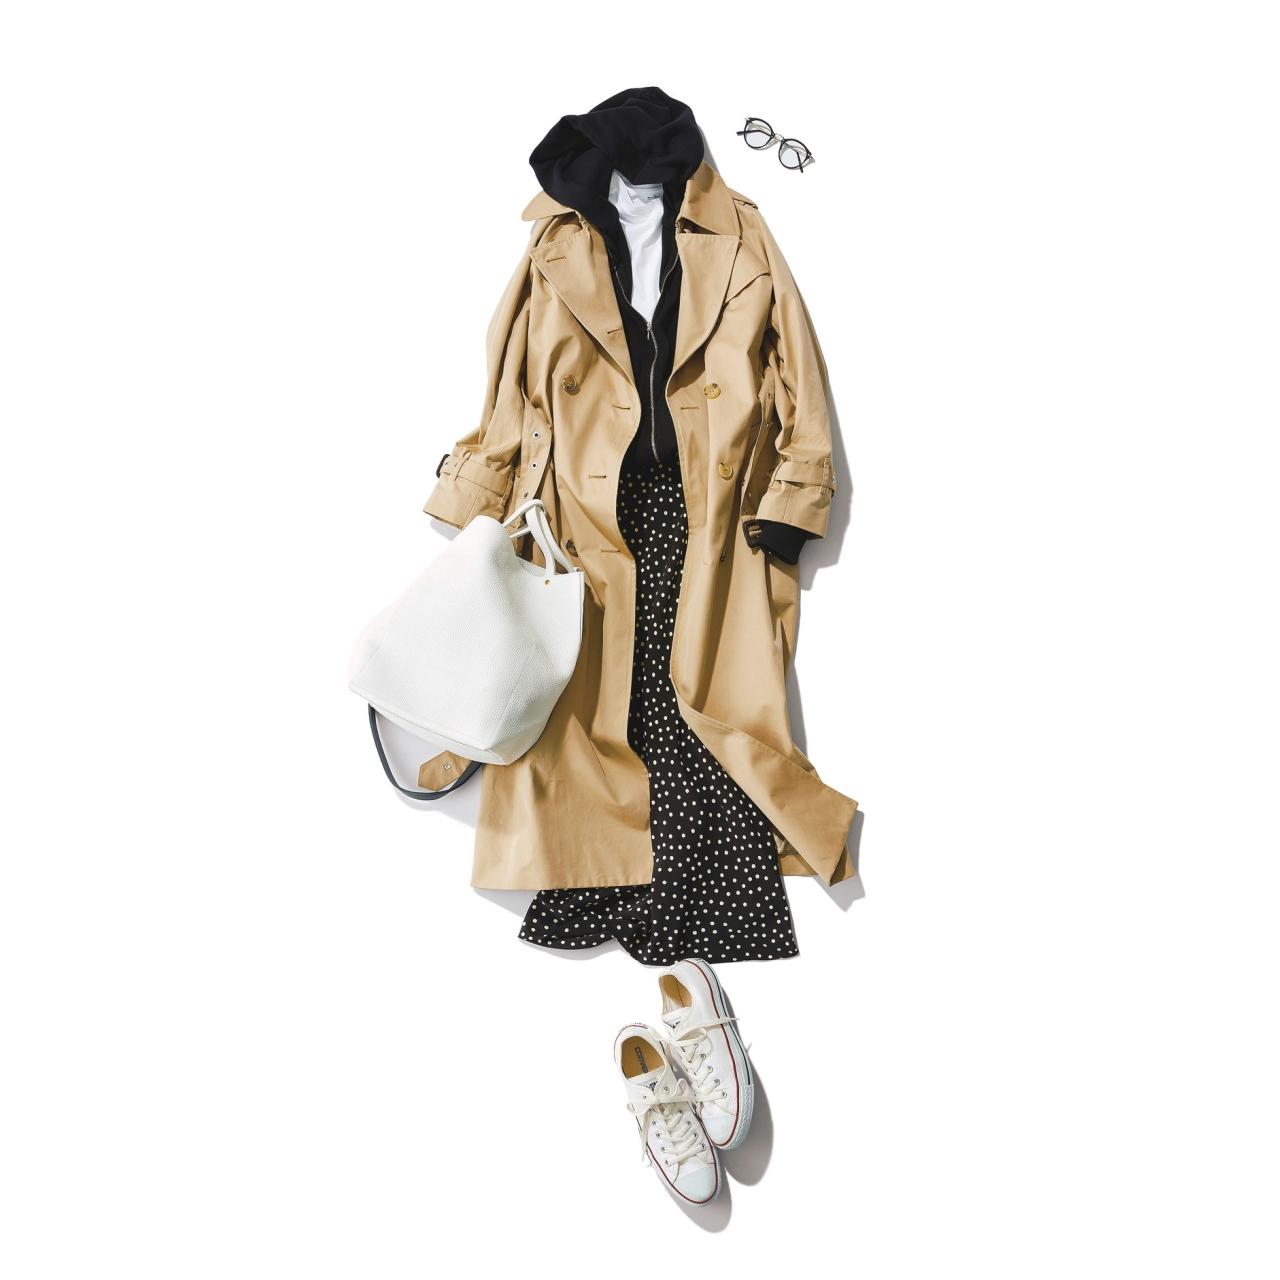 白コンバース ローカットスニーカー×トレンチコート&ドット柄スカートのファッションコーデ